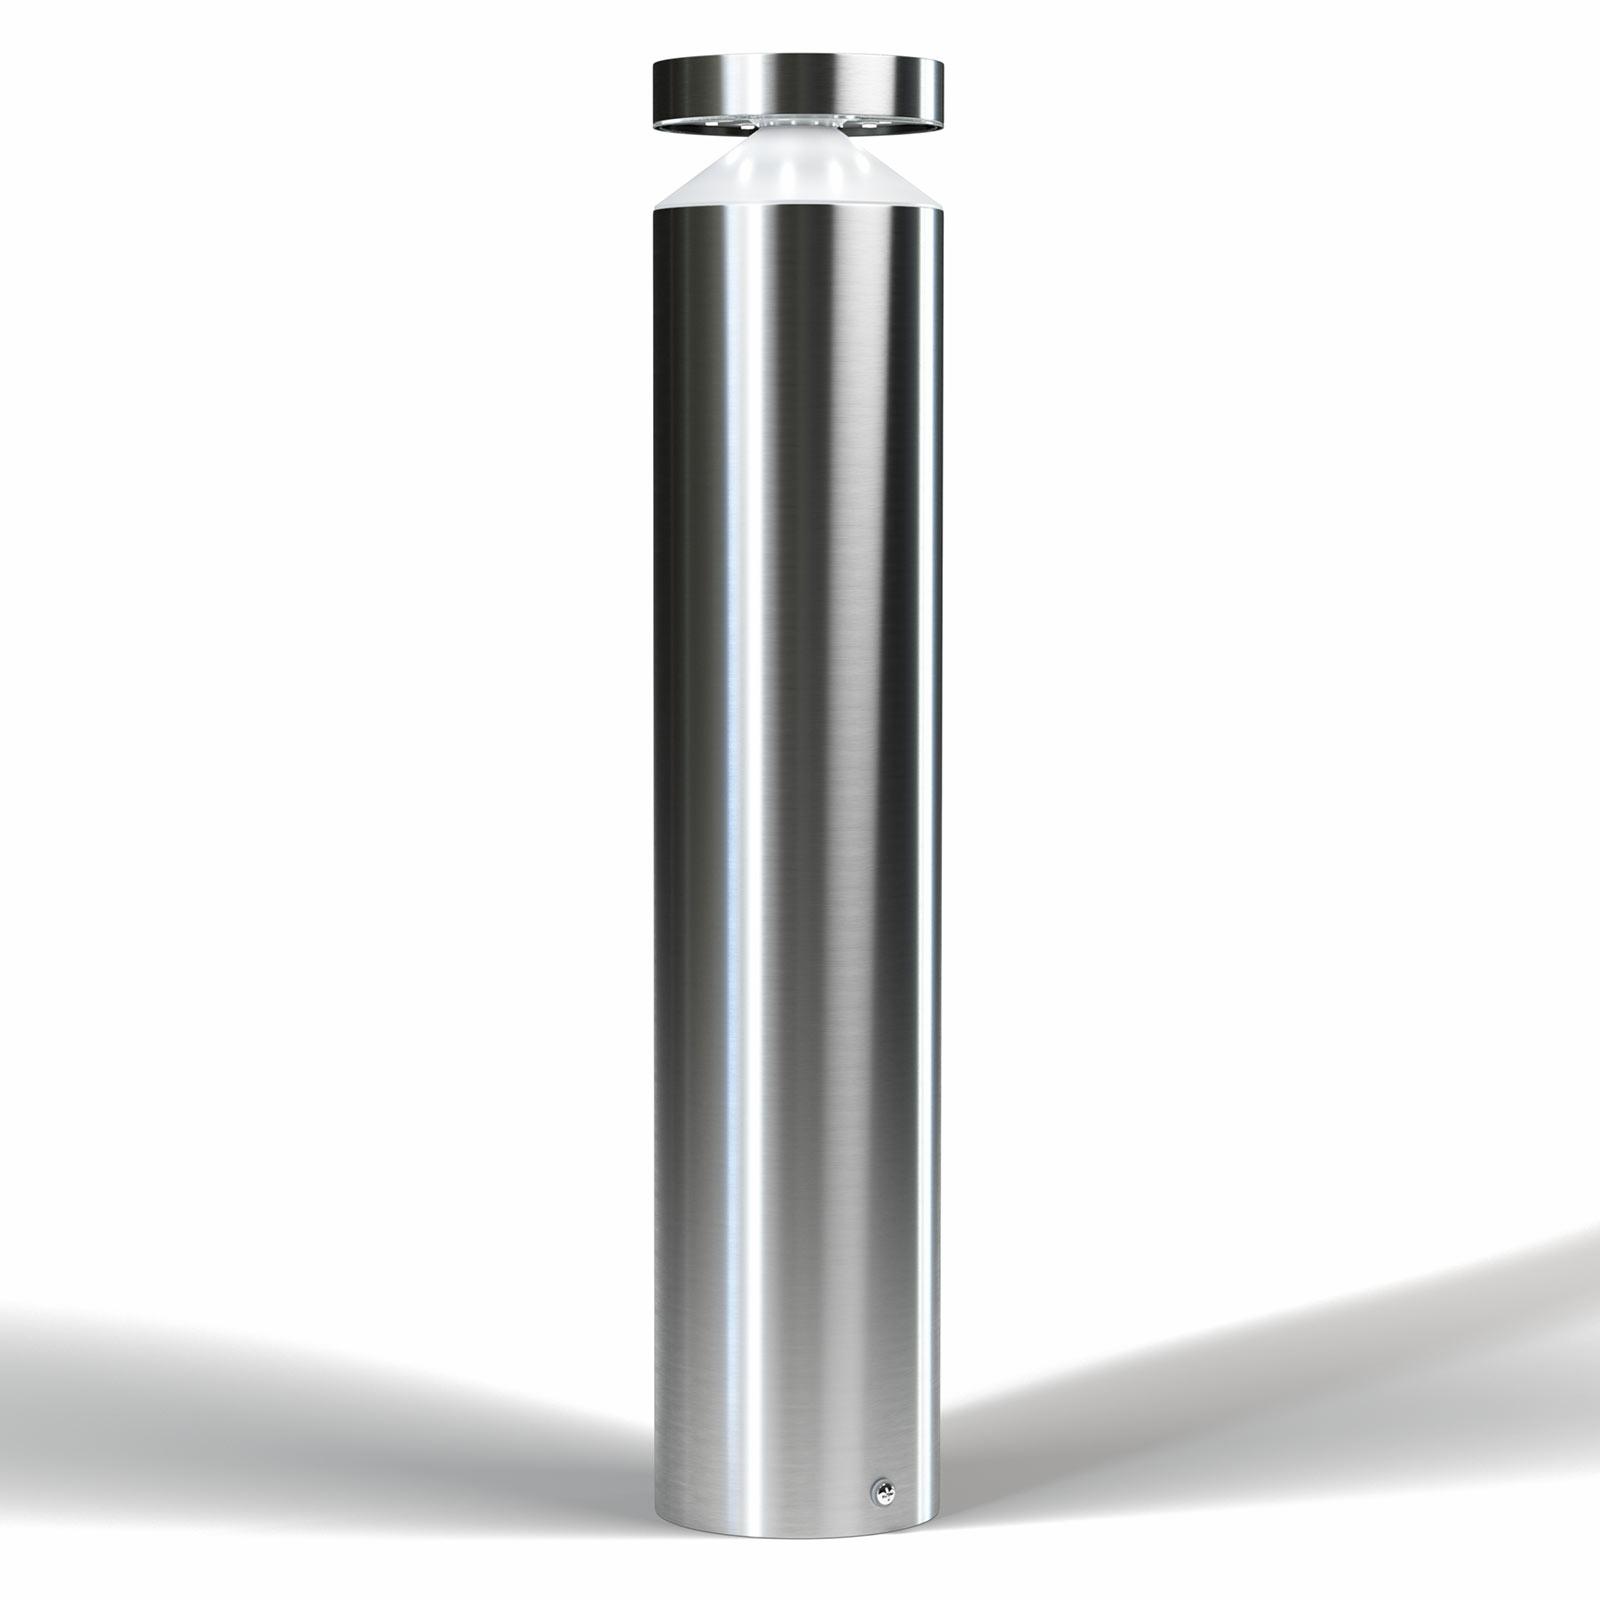 LEDVANCE Endura Style Cylinder potelet LED